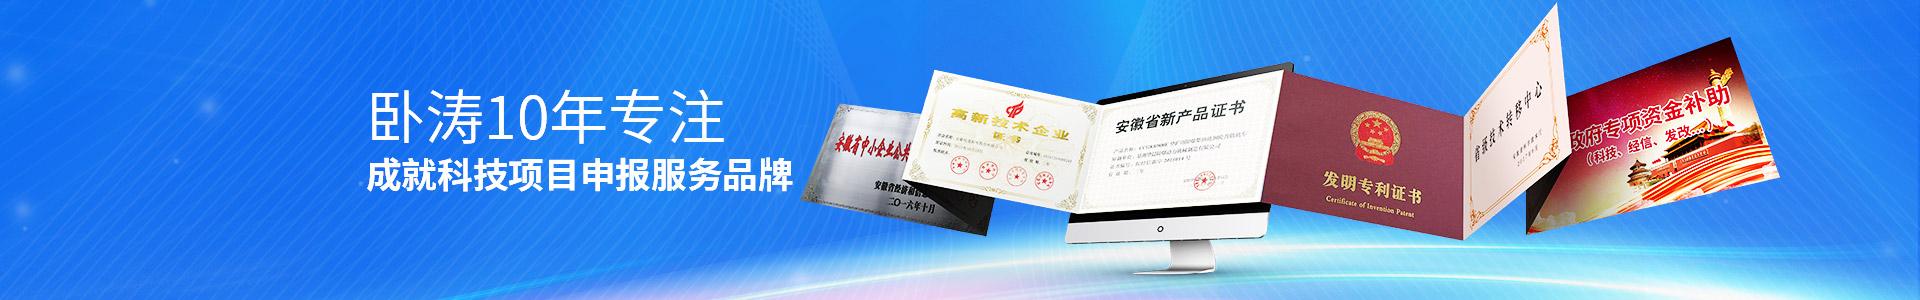 卧涛—10年专注科技项目申报服务